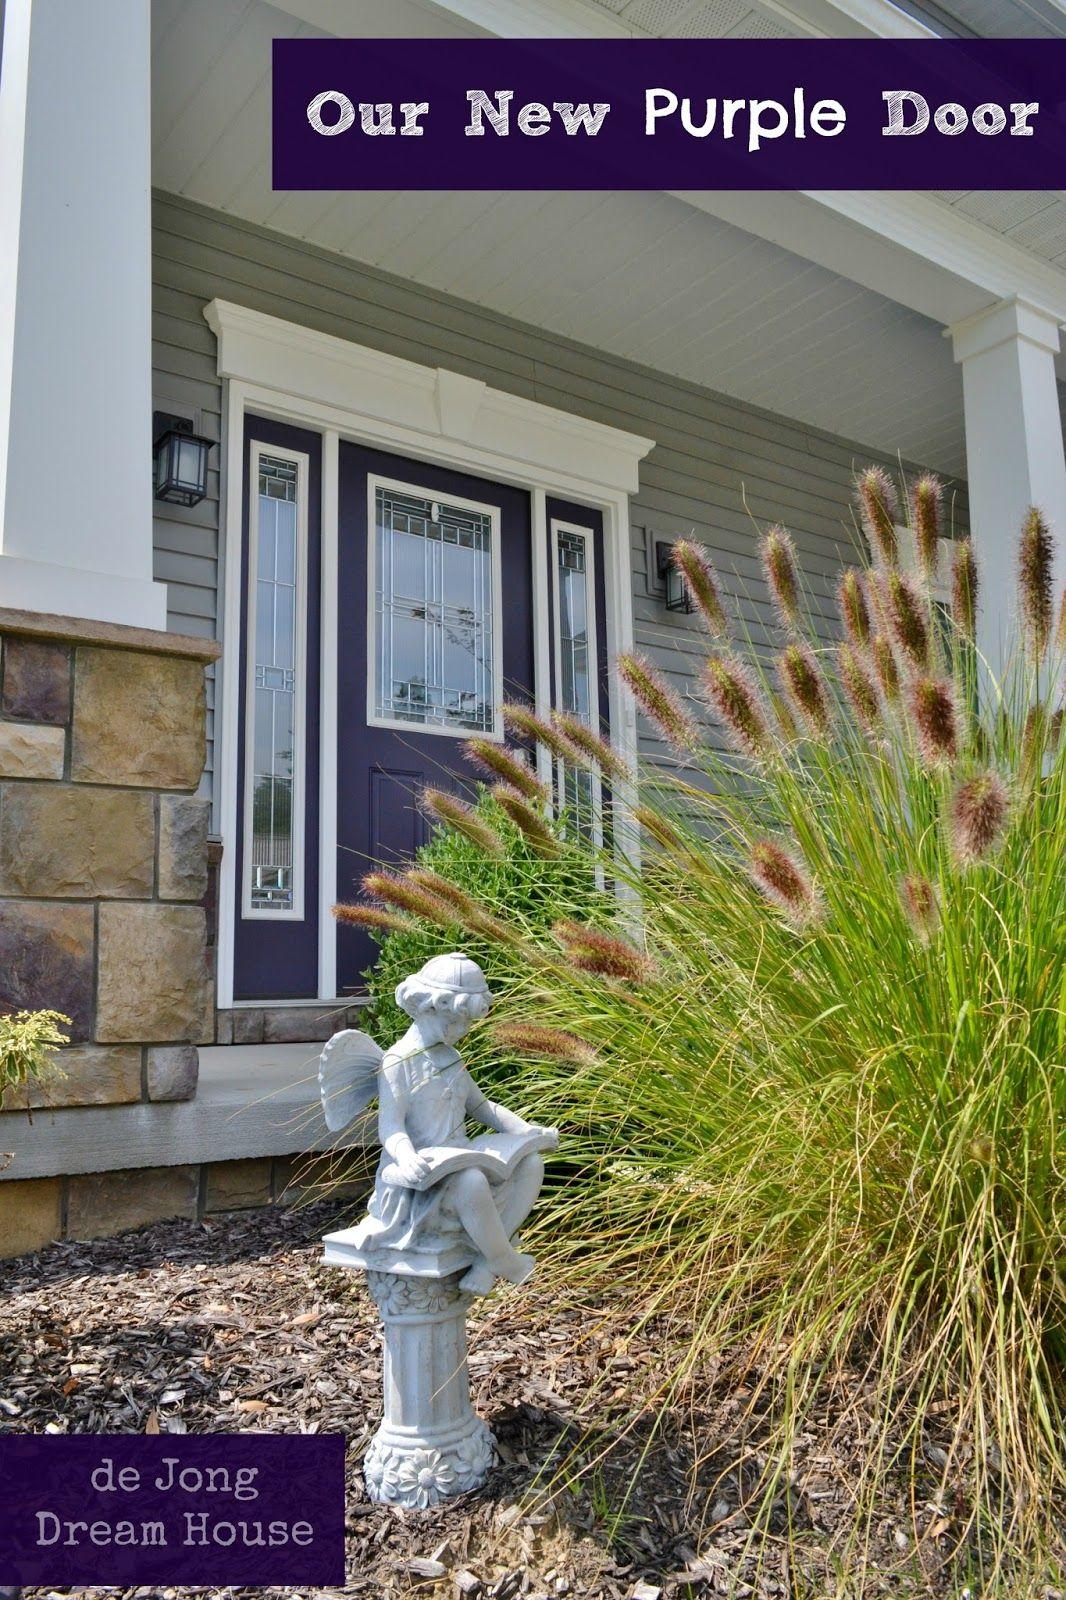 de Jong Dream House: Our purple door